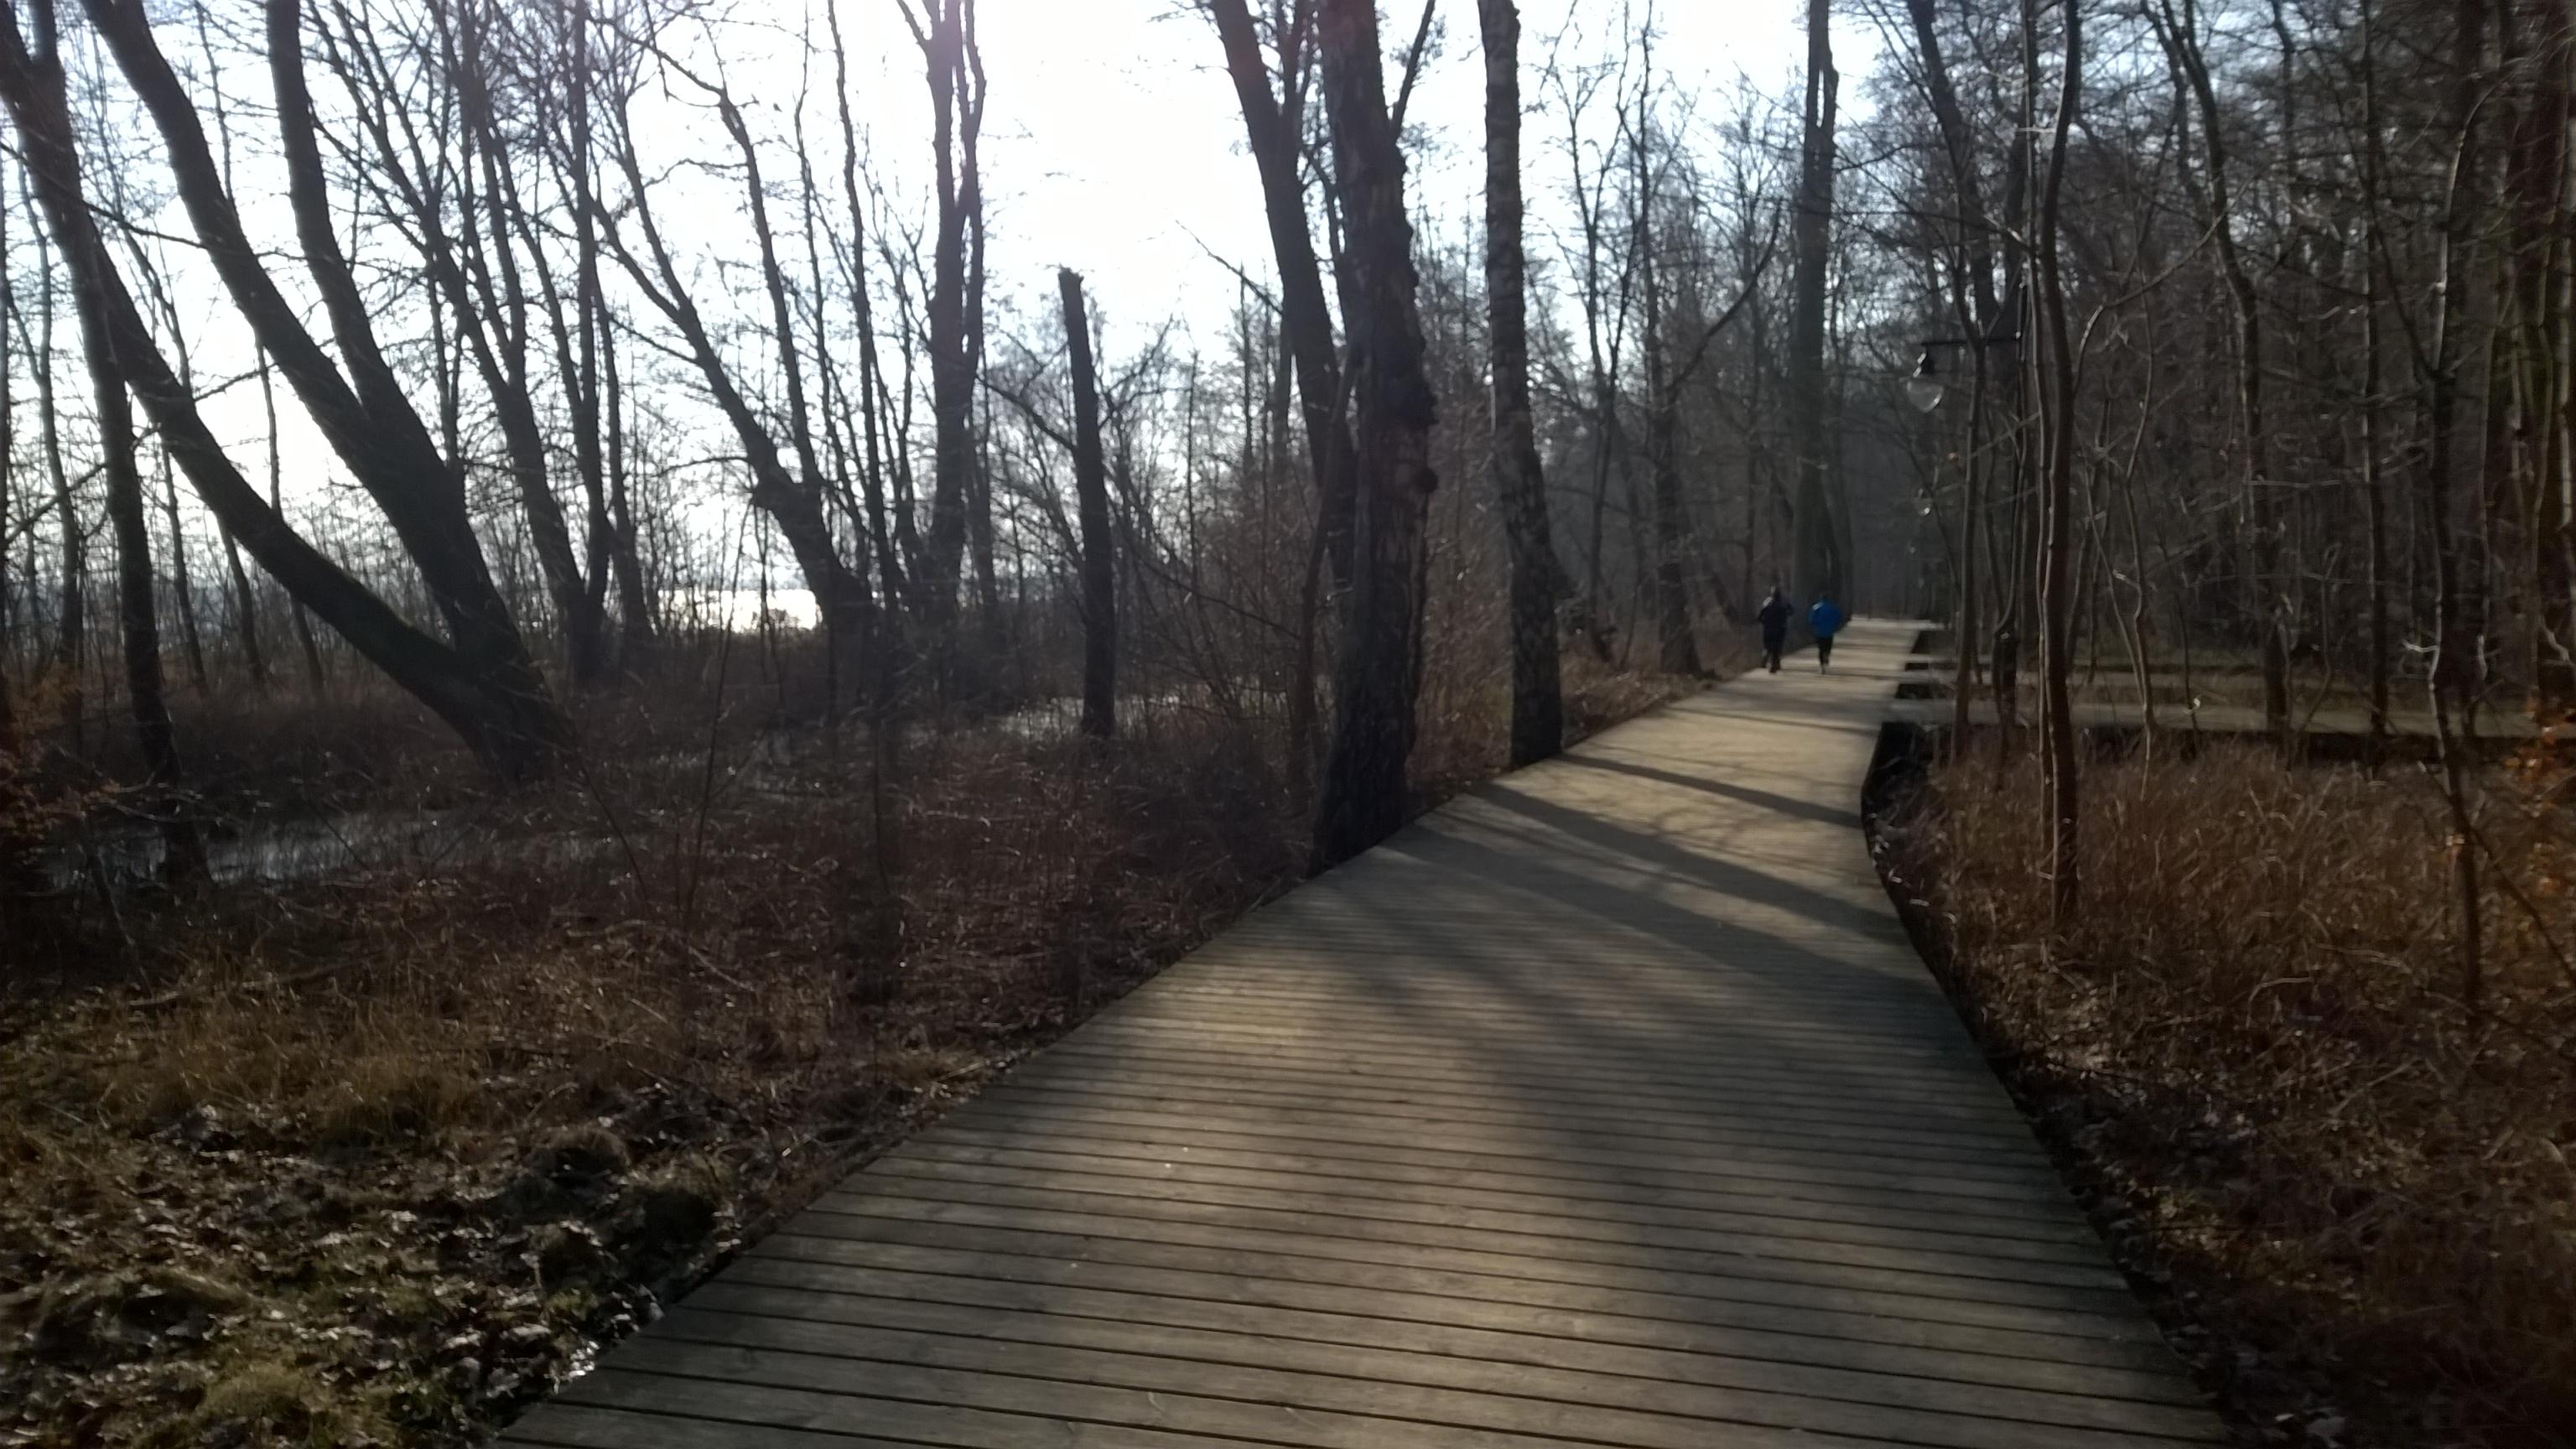 pomosty pozwalają przejść suchą nogą nad mokrym podłożem - koniec parku północnego w Sopocie.